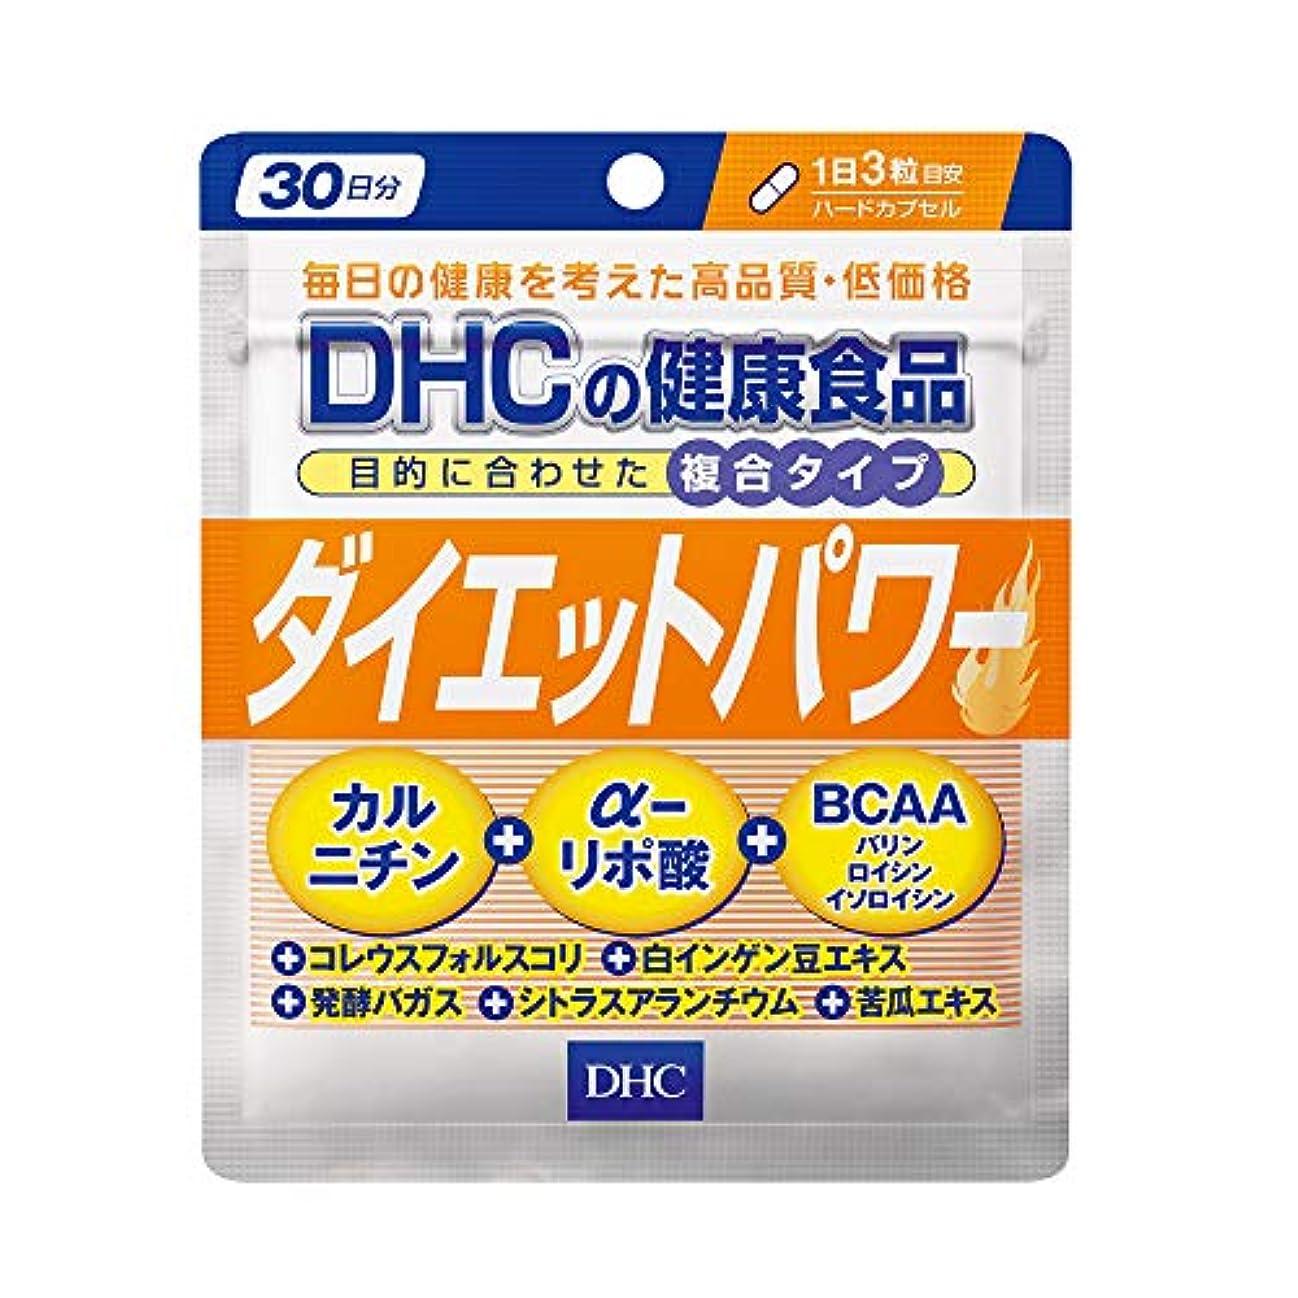 覗くシネマ増強するDHC ダイエットパワー 30日分